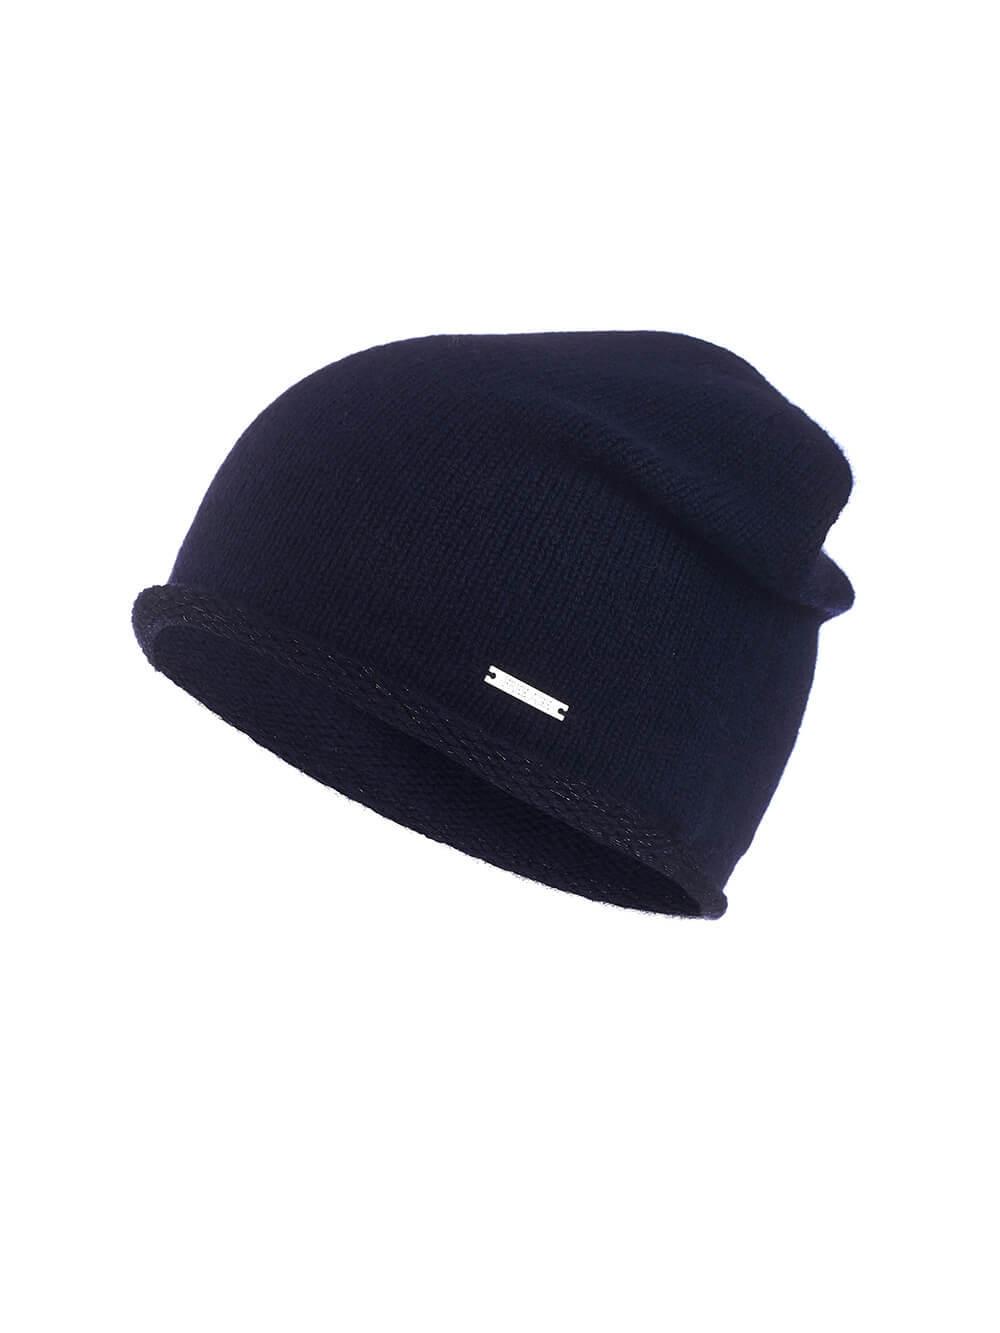 Женская темно-синяя шапка из 100% кашемира - фото 1